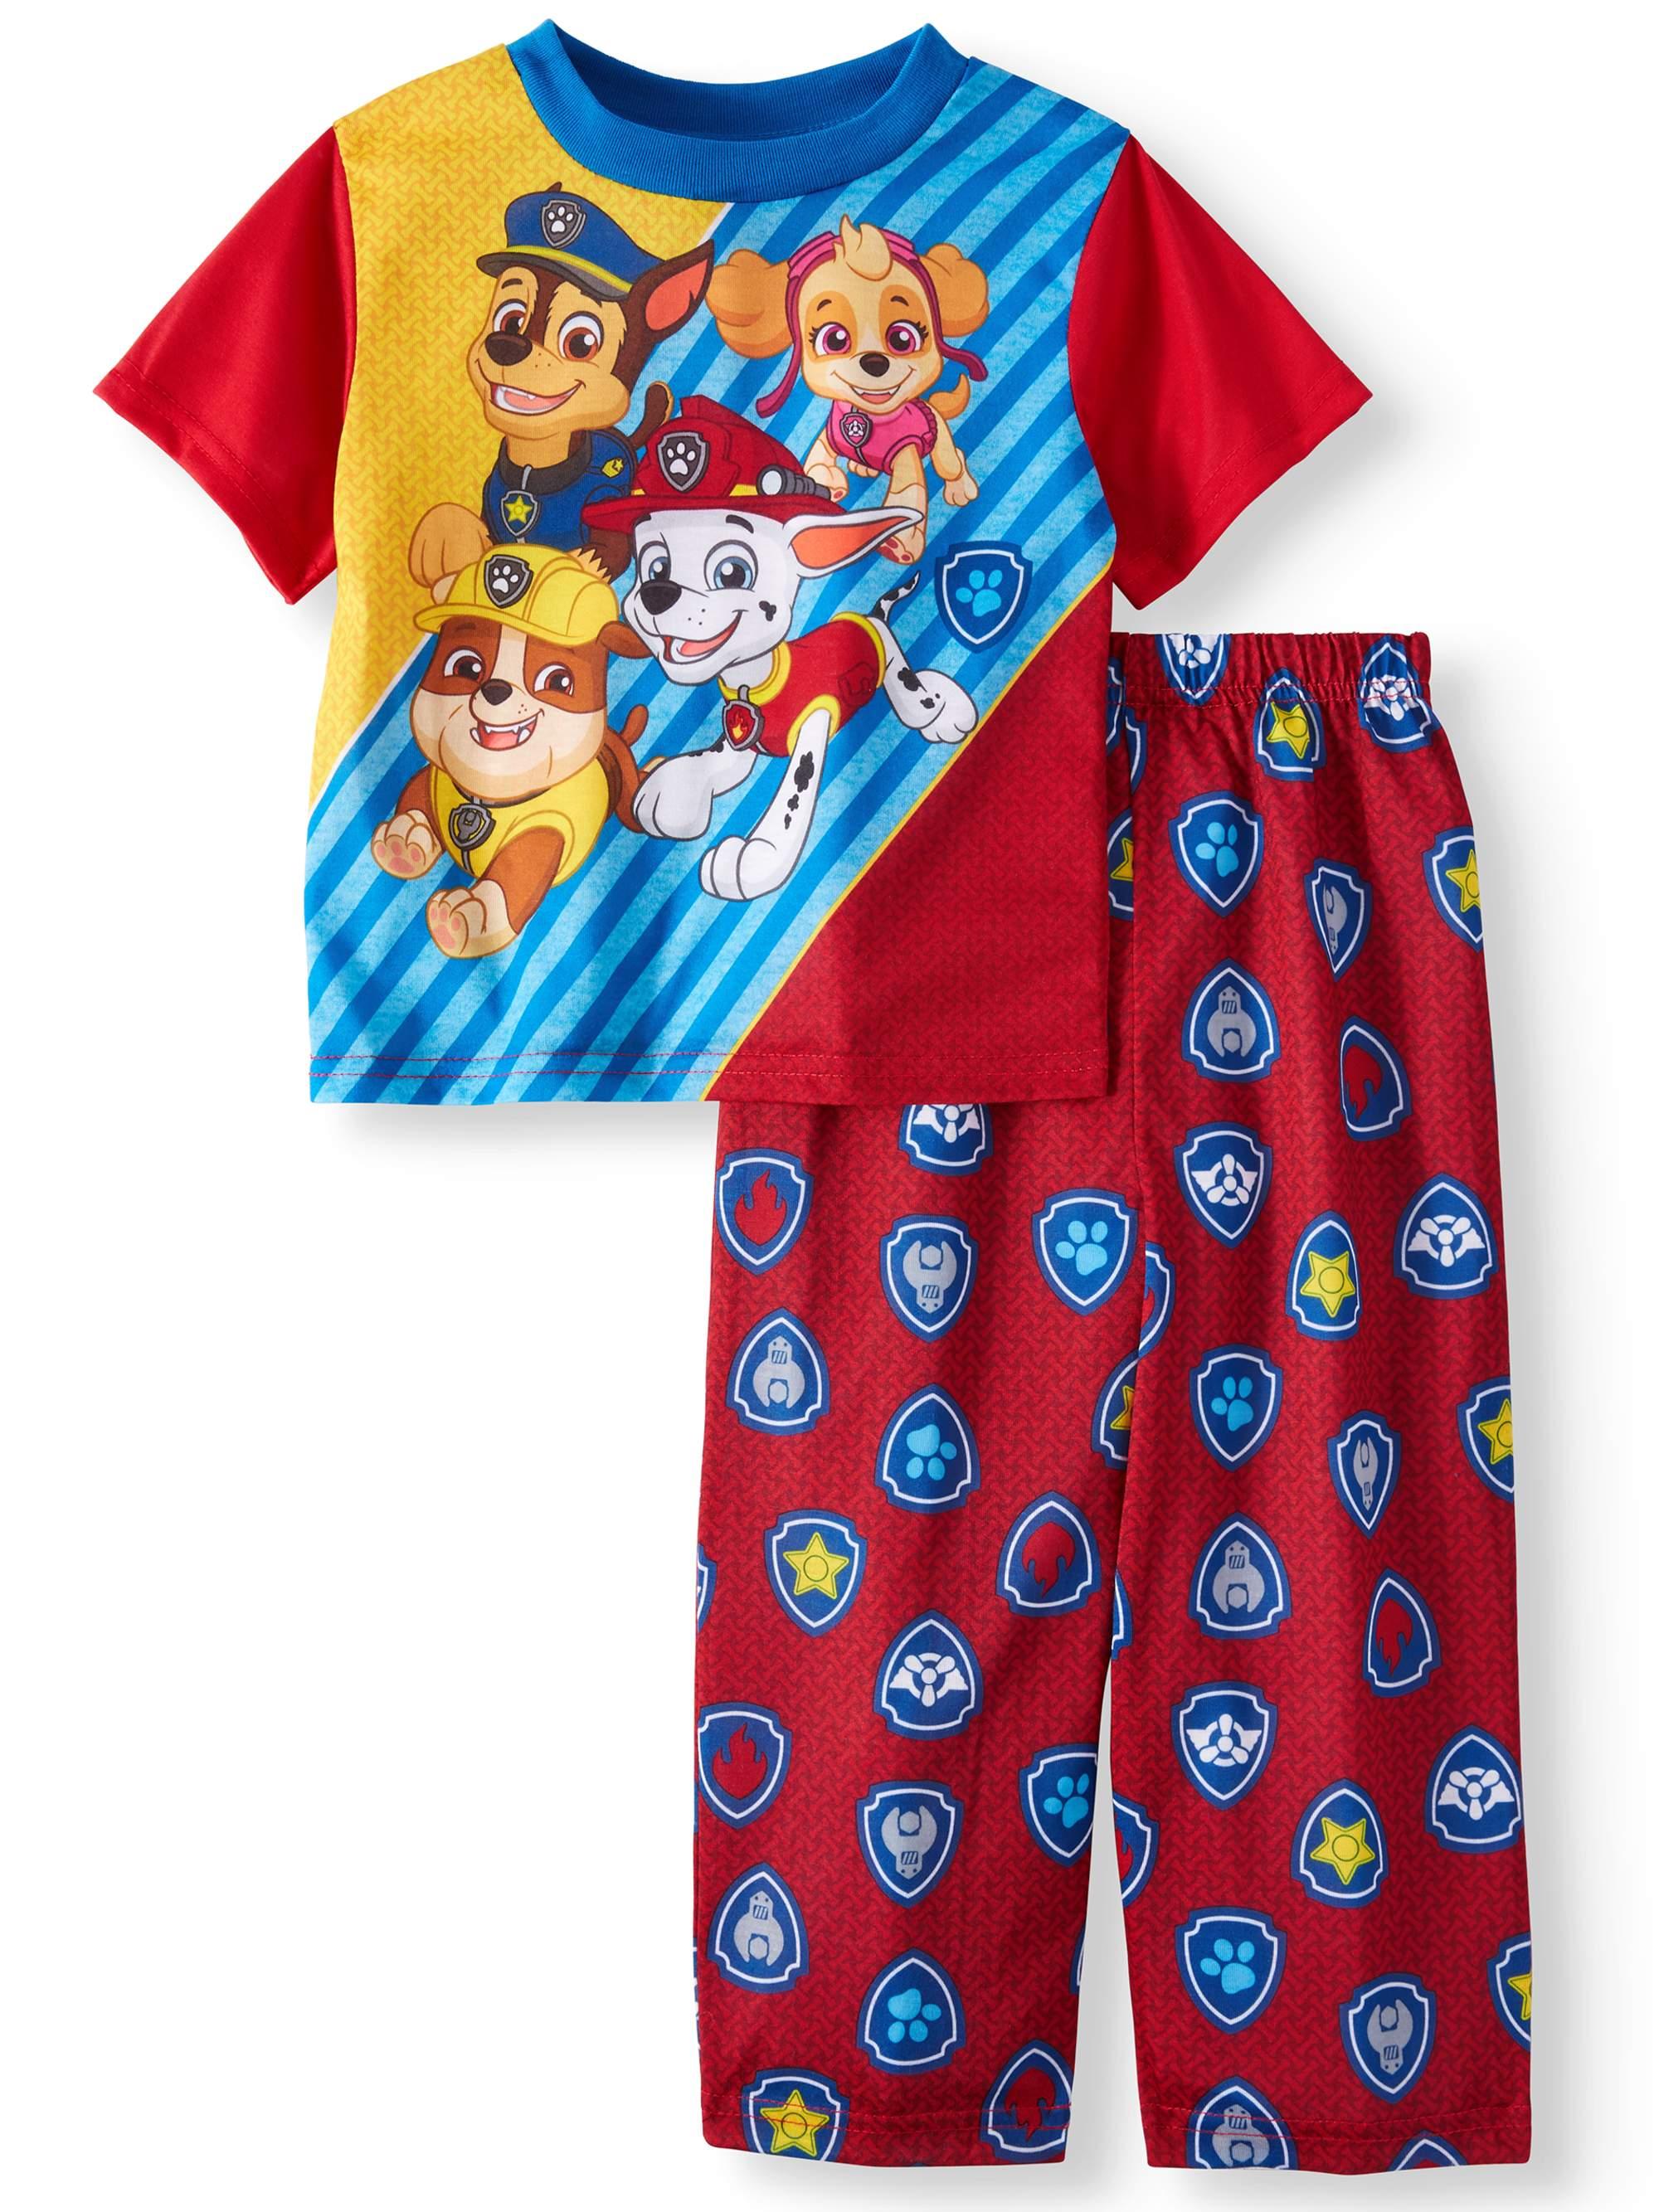 Toddler Boys' Short Sleeve Top and Pants, 2-Piece Pajama Set